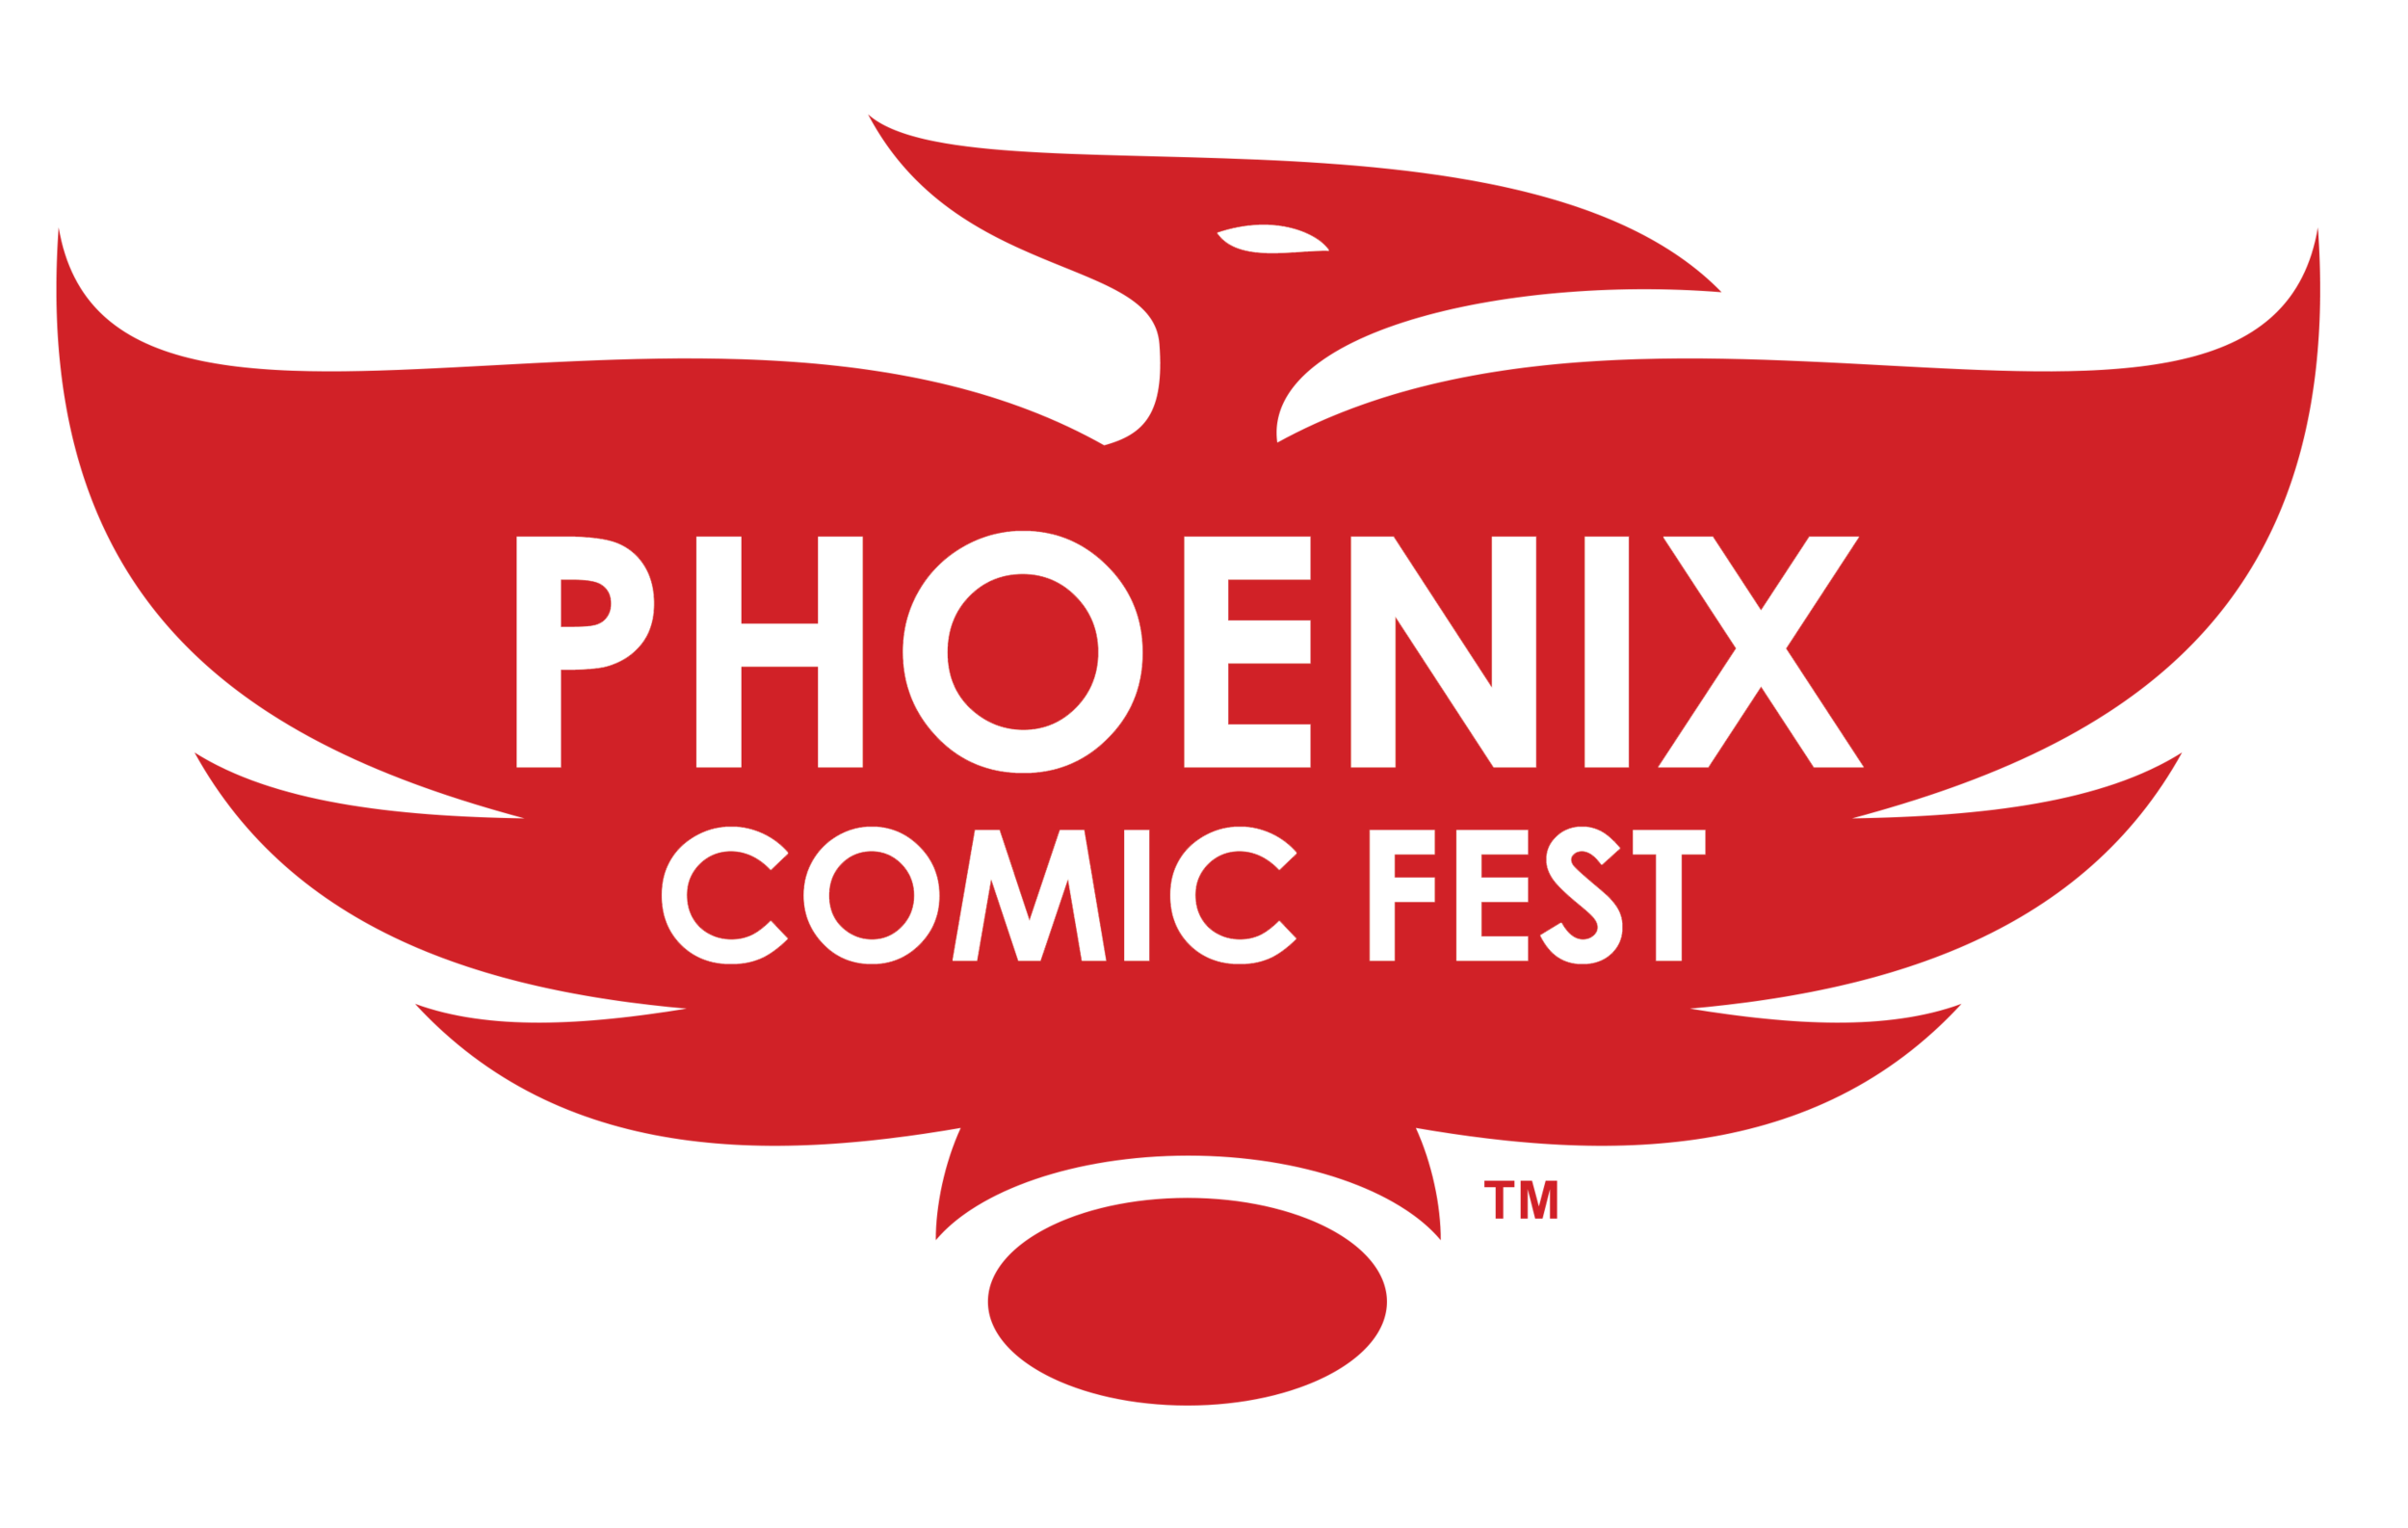 Phoenix Comic Fest will be back in 2019 as Phoenix Fan Fusion!